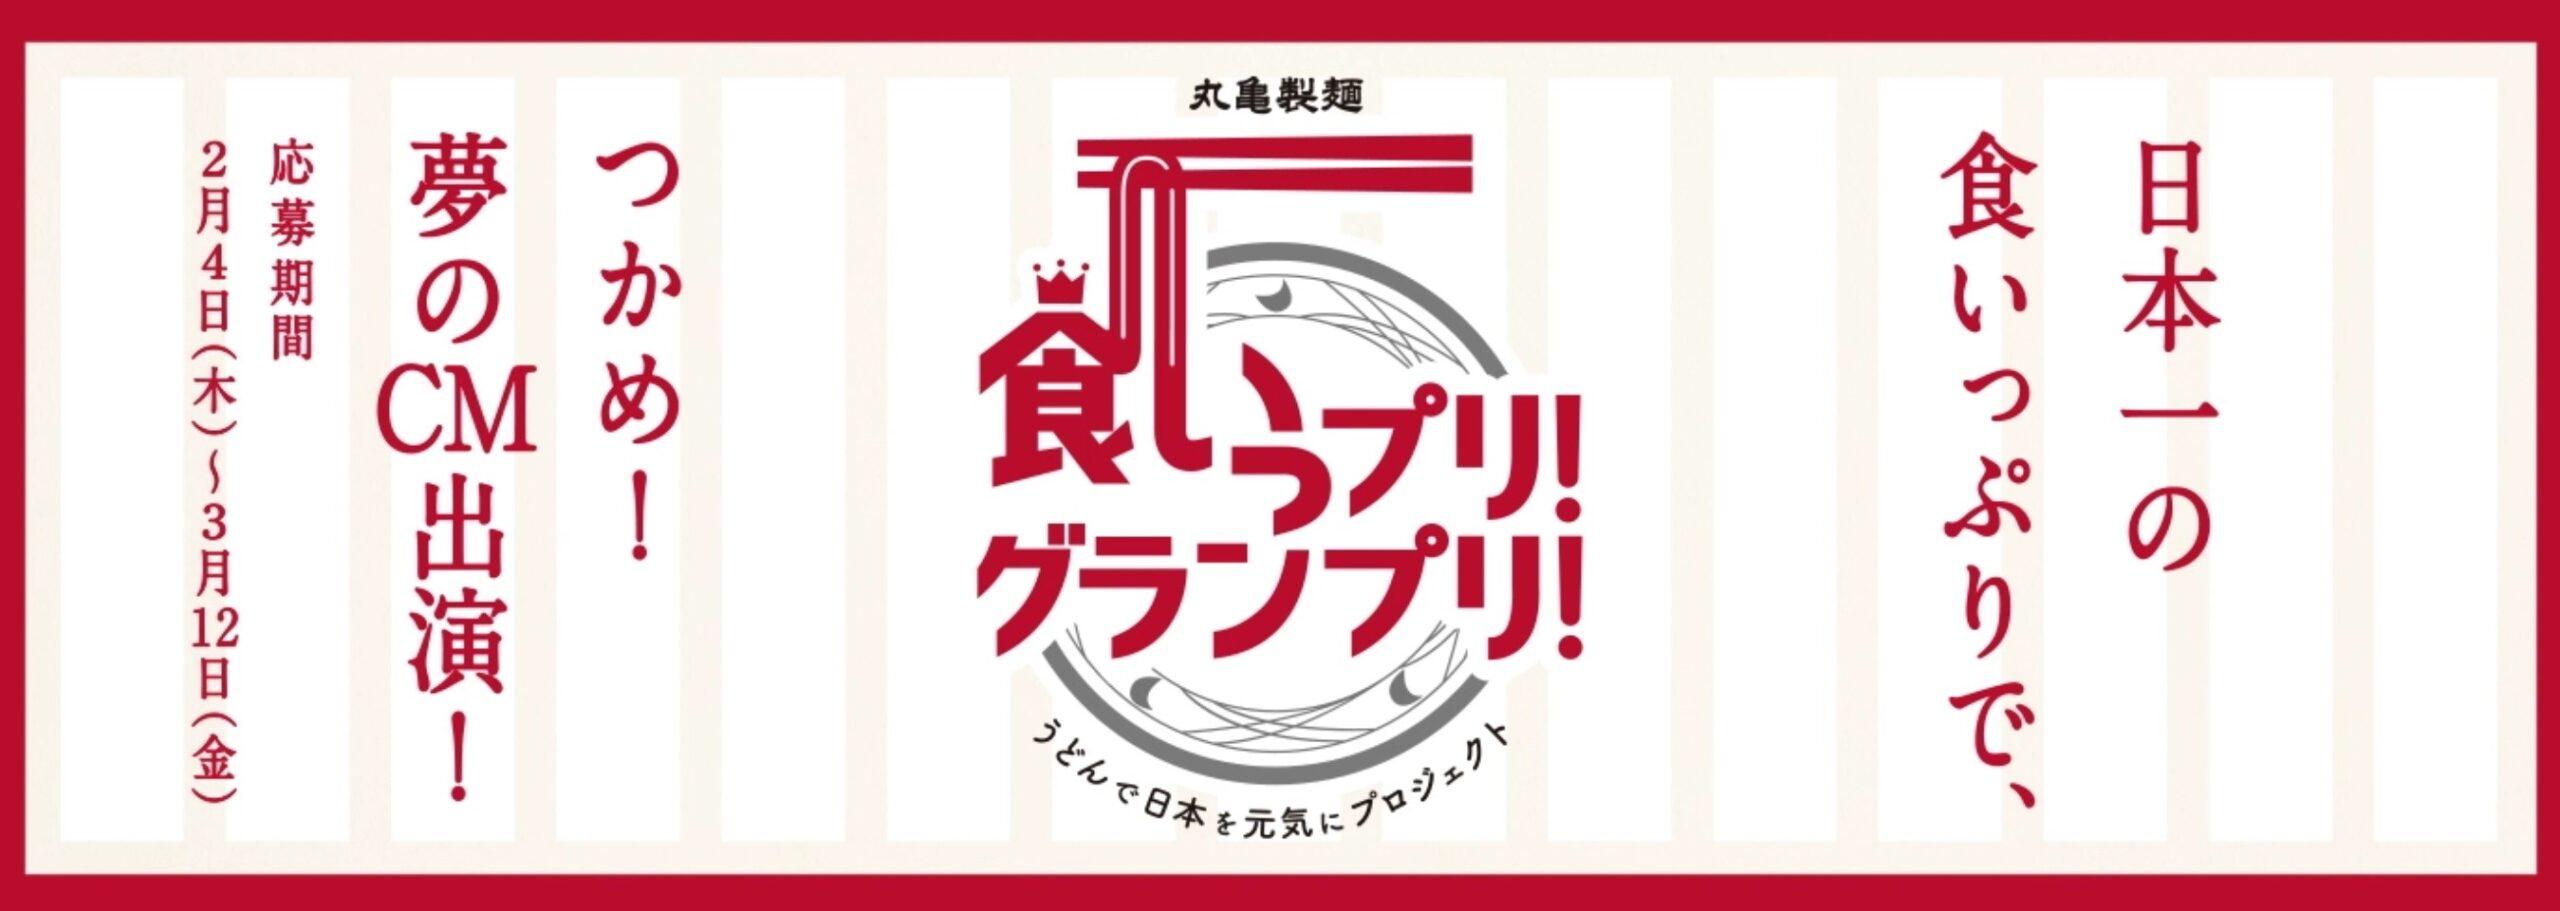 丸亀製麺様「食いっプリ!グランプリ!」への導入事例